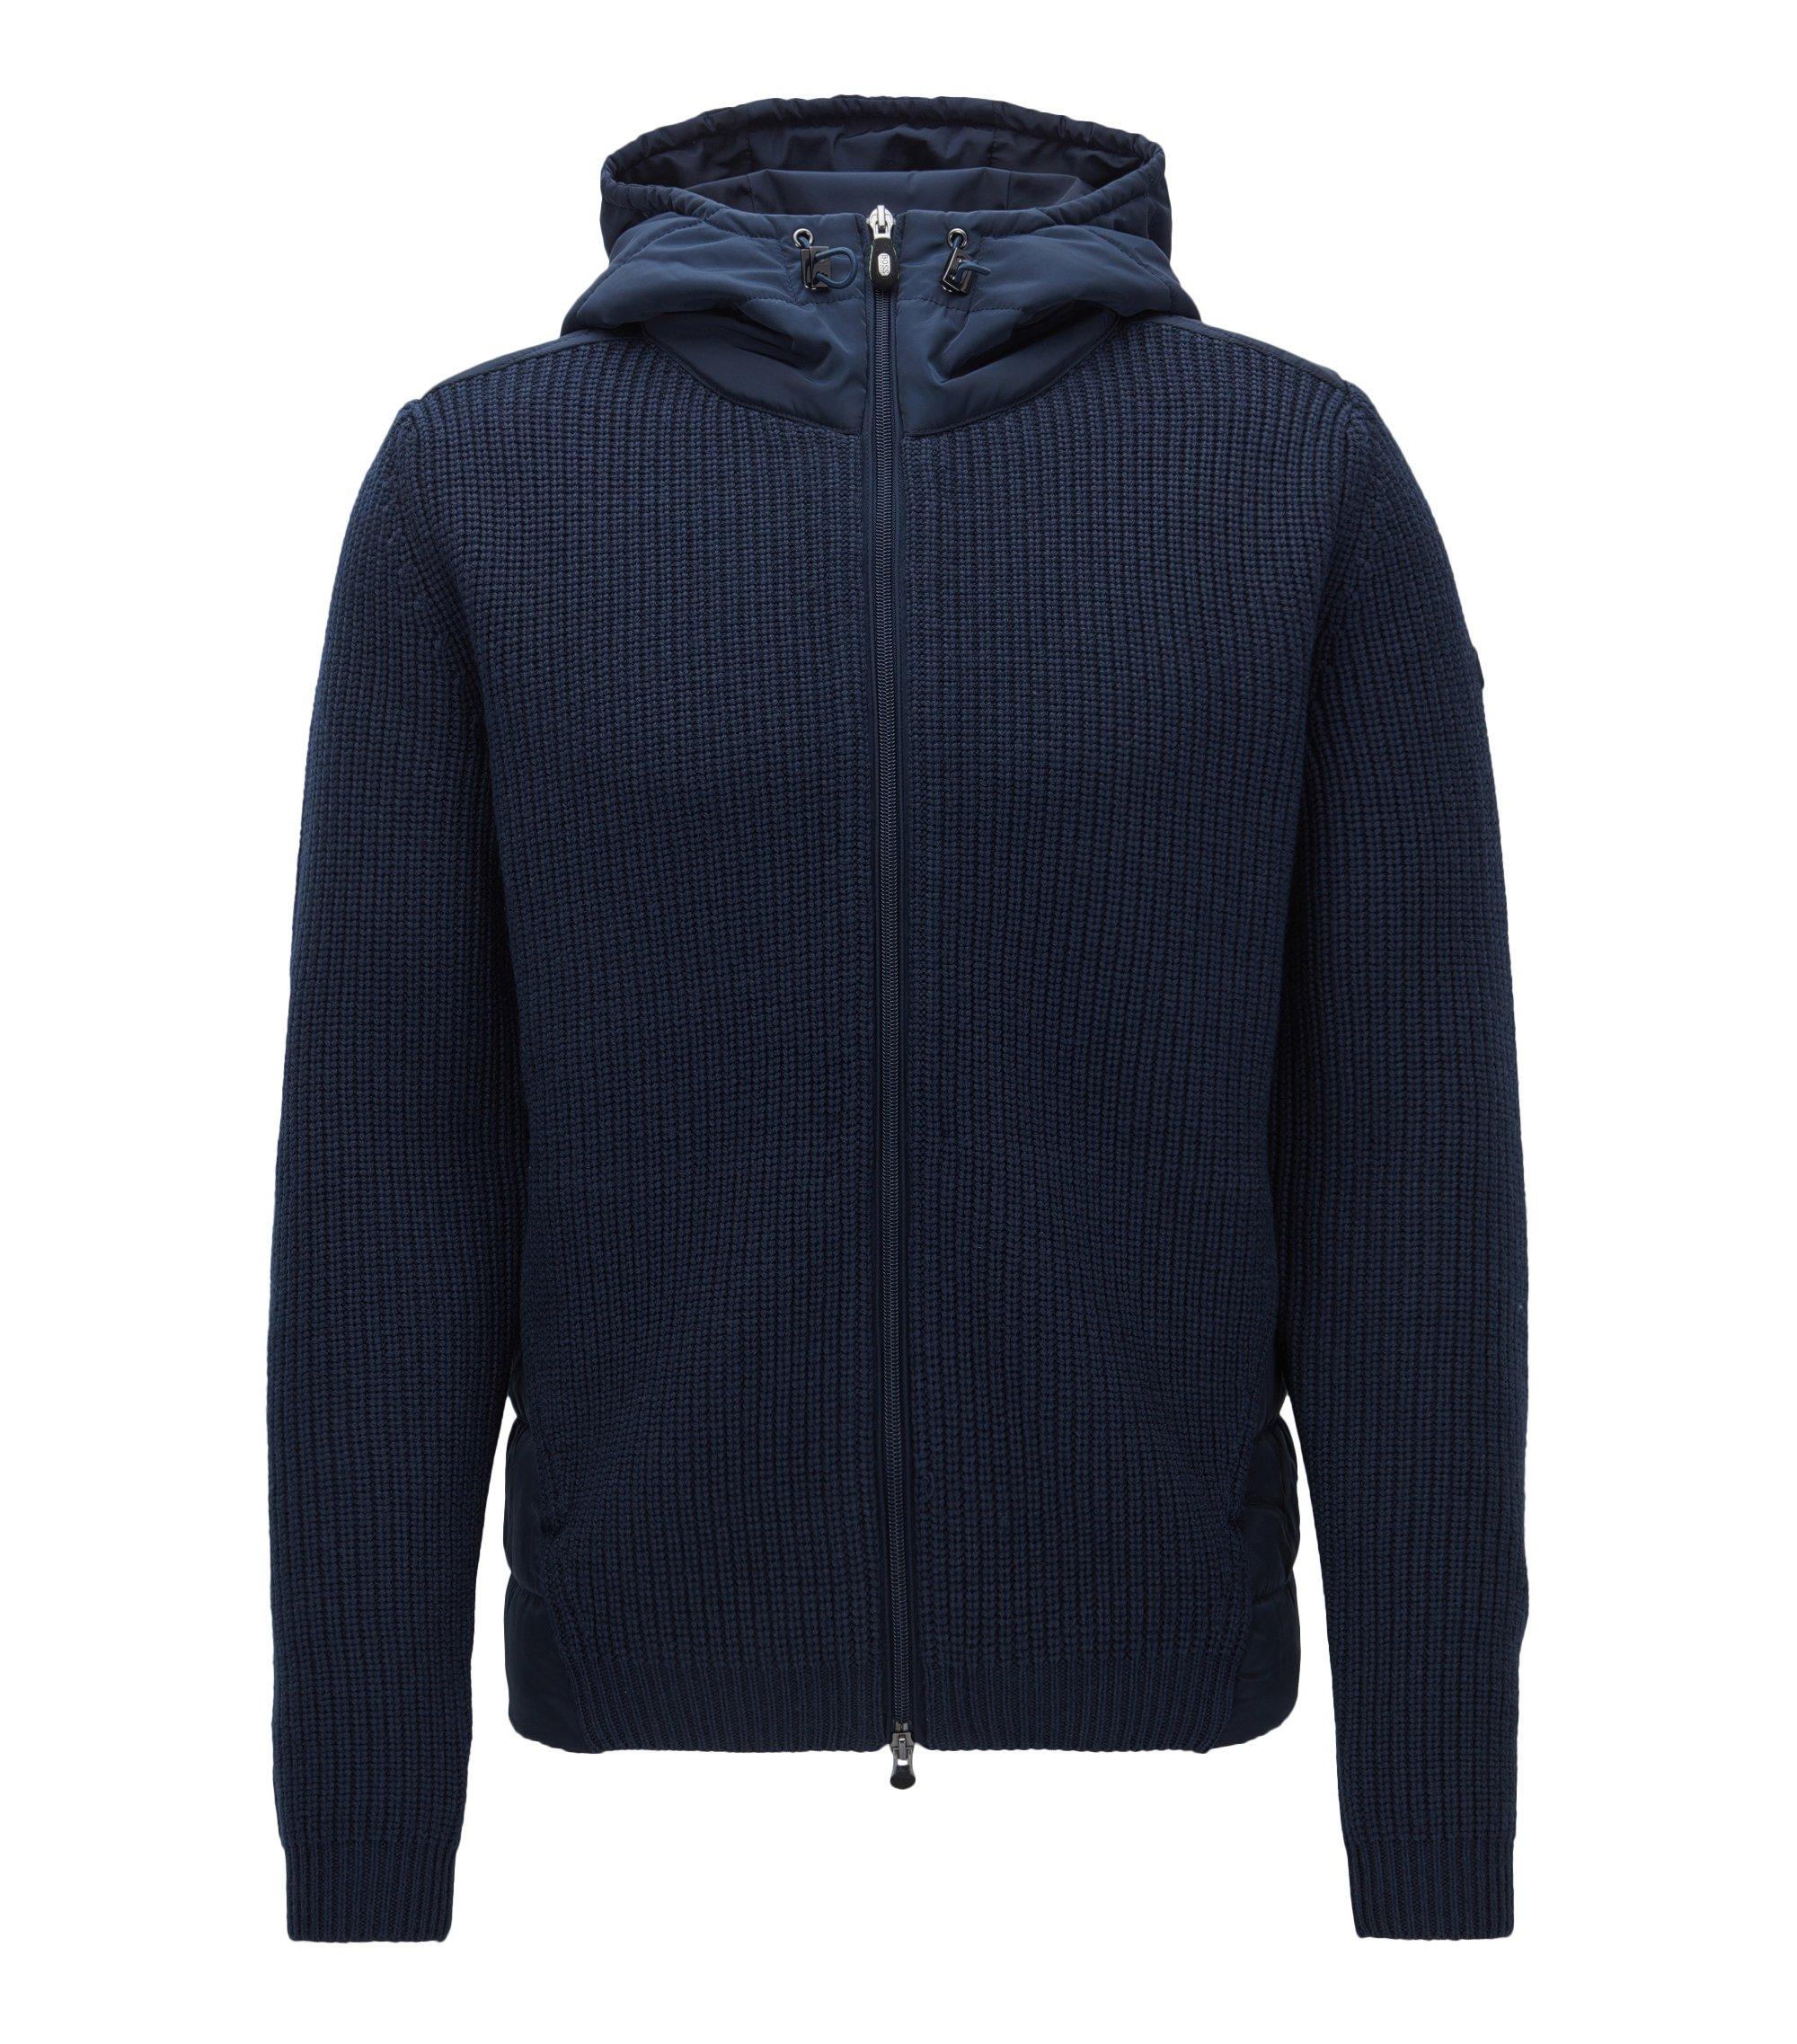 Giacca con cappuccio regular fit, imbottita e lavorata a maglia, Blu scuro